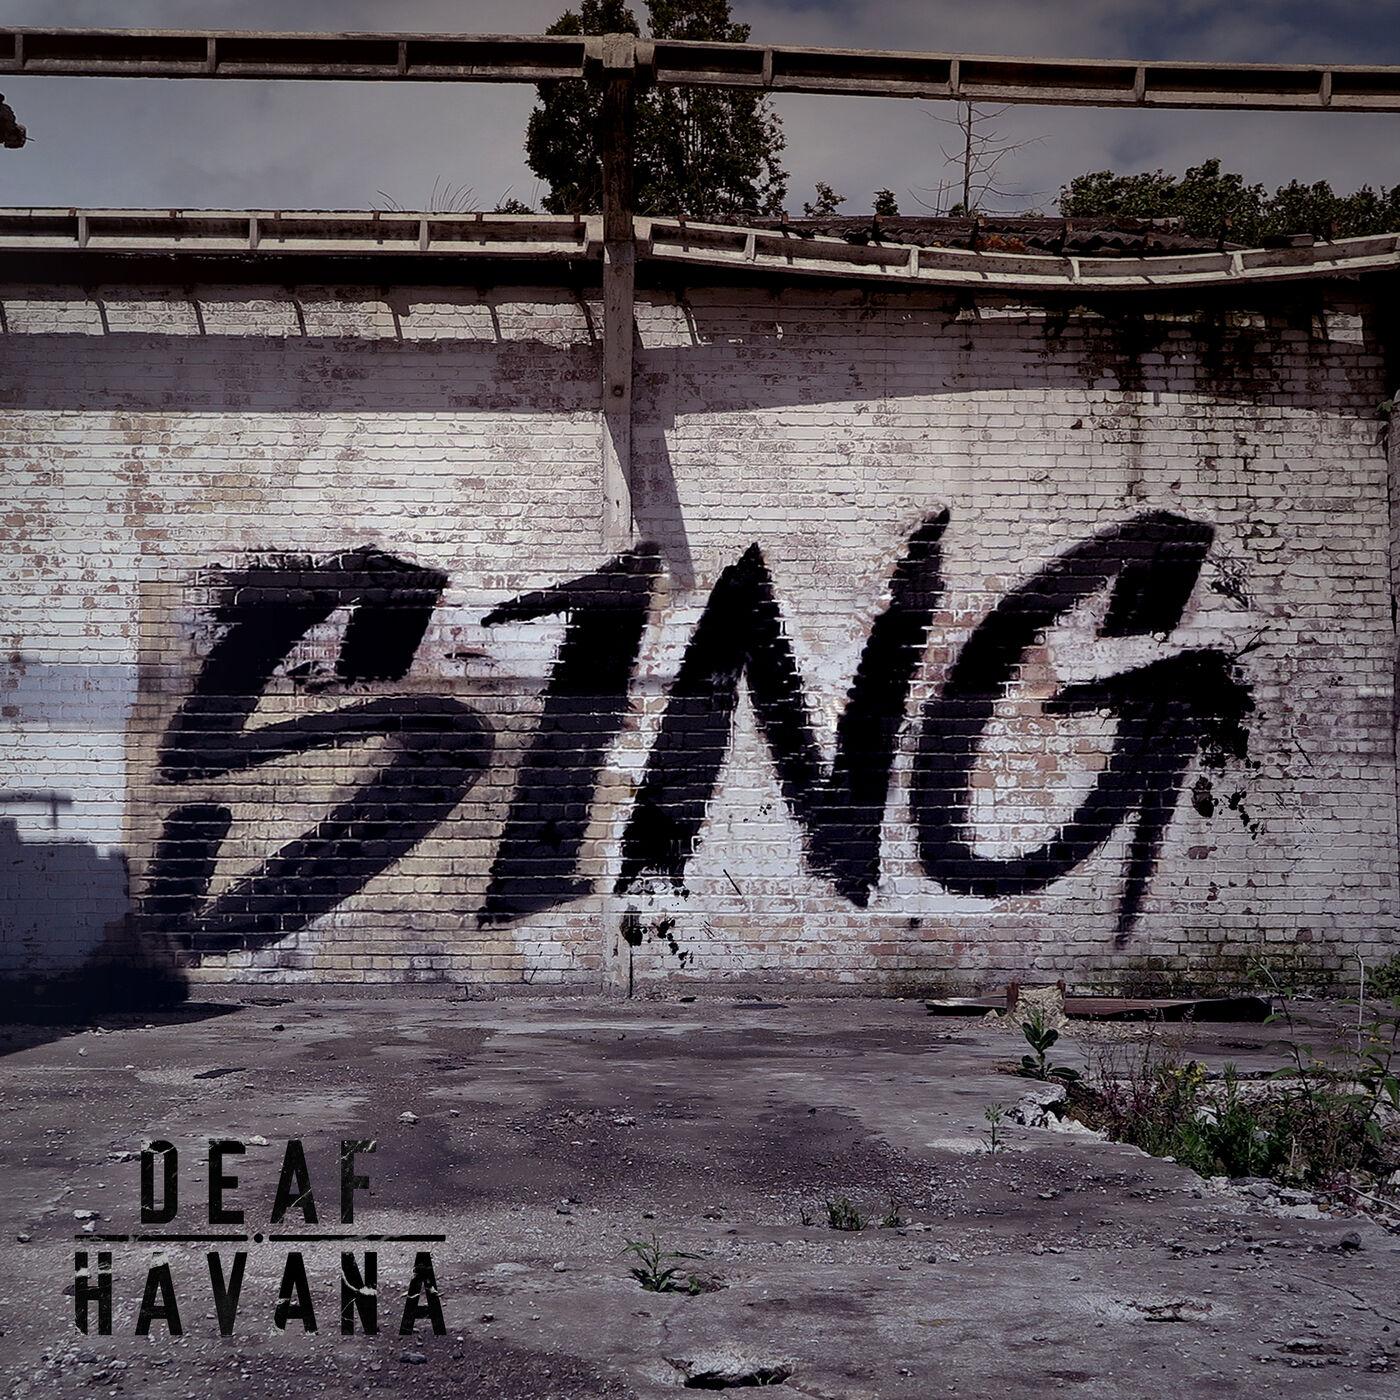 Deaf Havana - Sing [single] (2016)